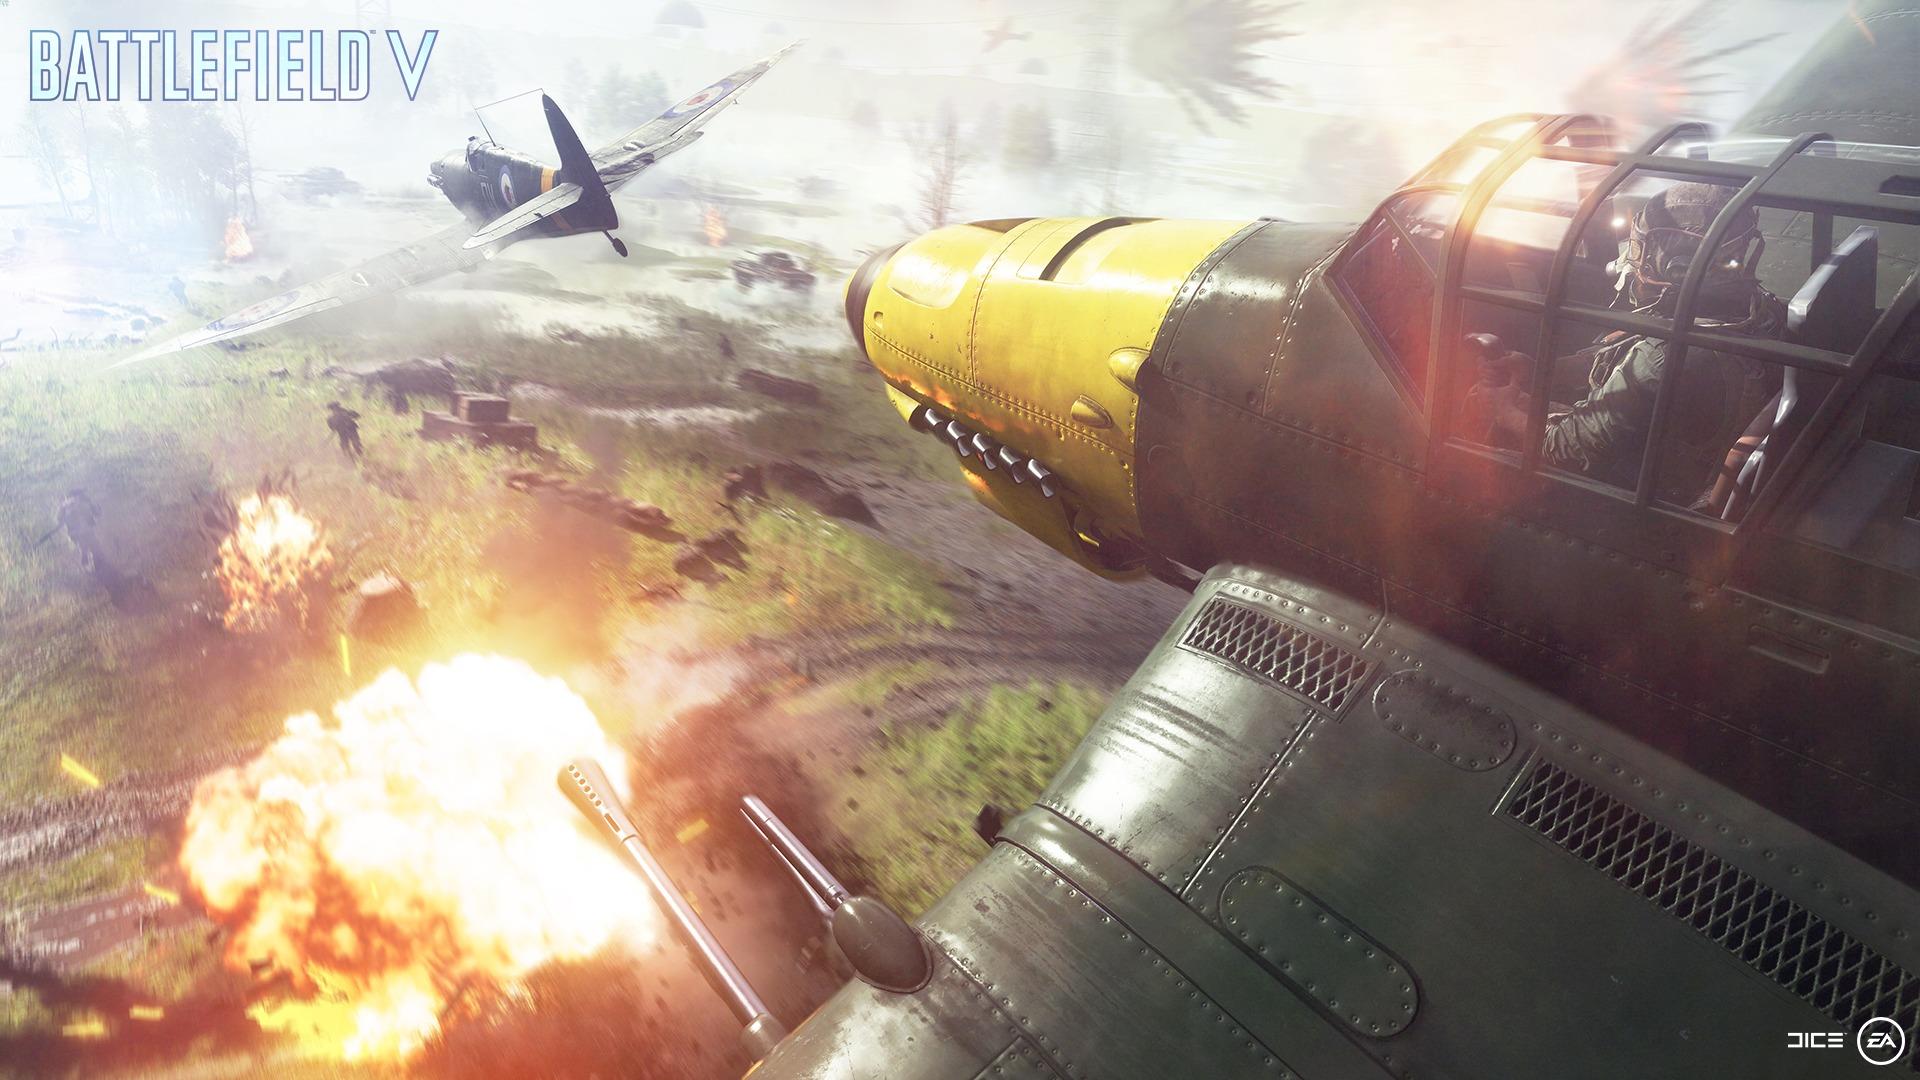 Battlefield V Screenshot